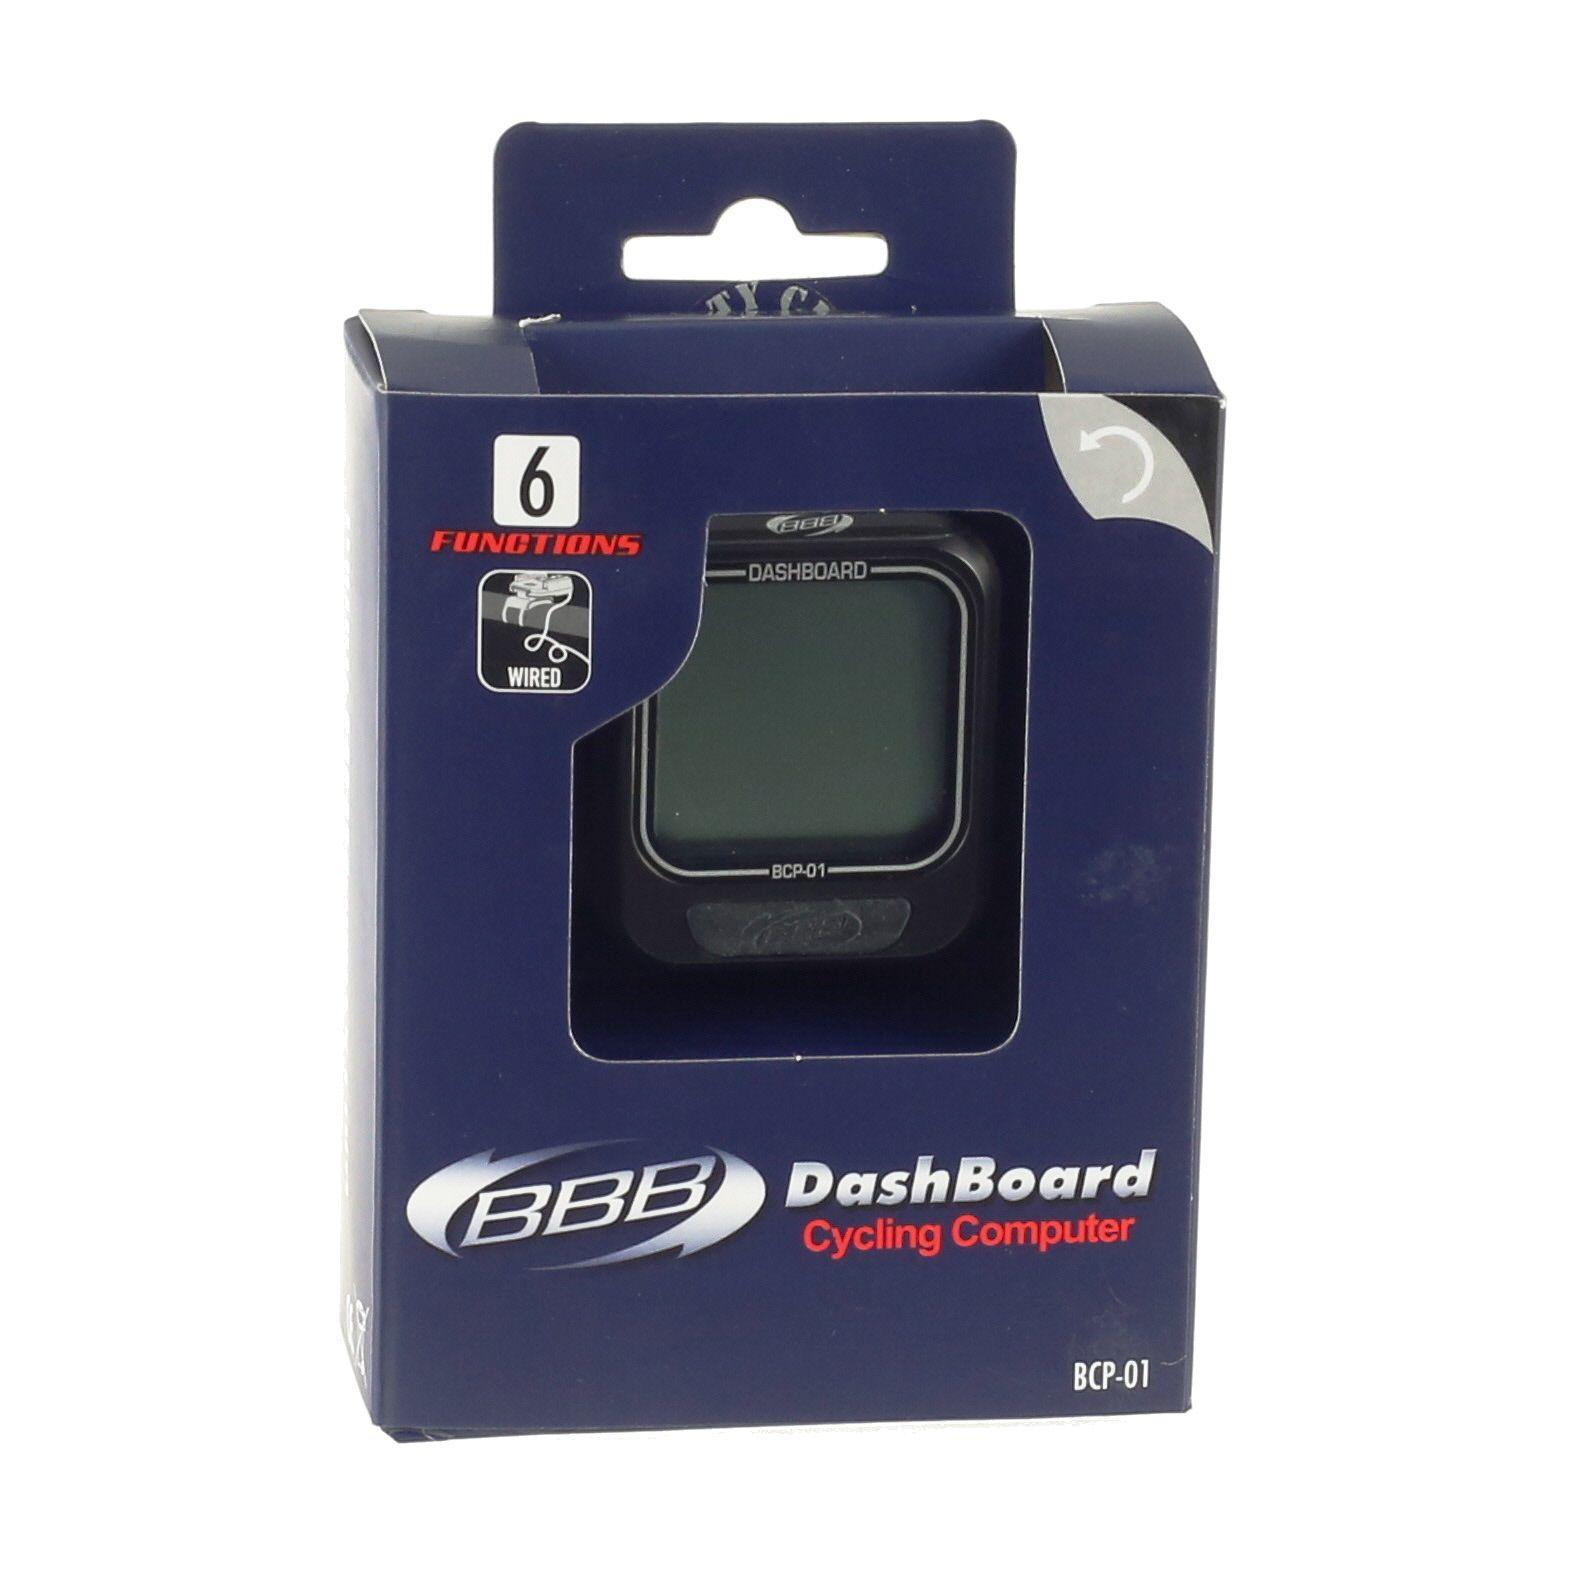 Compteur filaire BBB DashBoard 6 fonctions (noir) - BCP-01